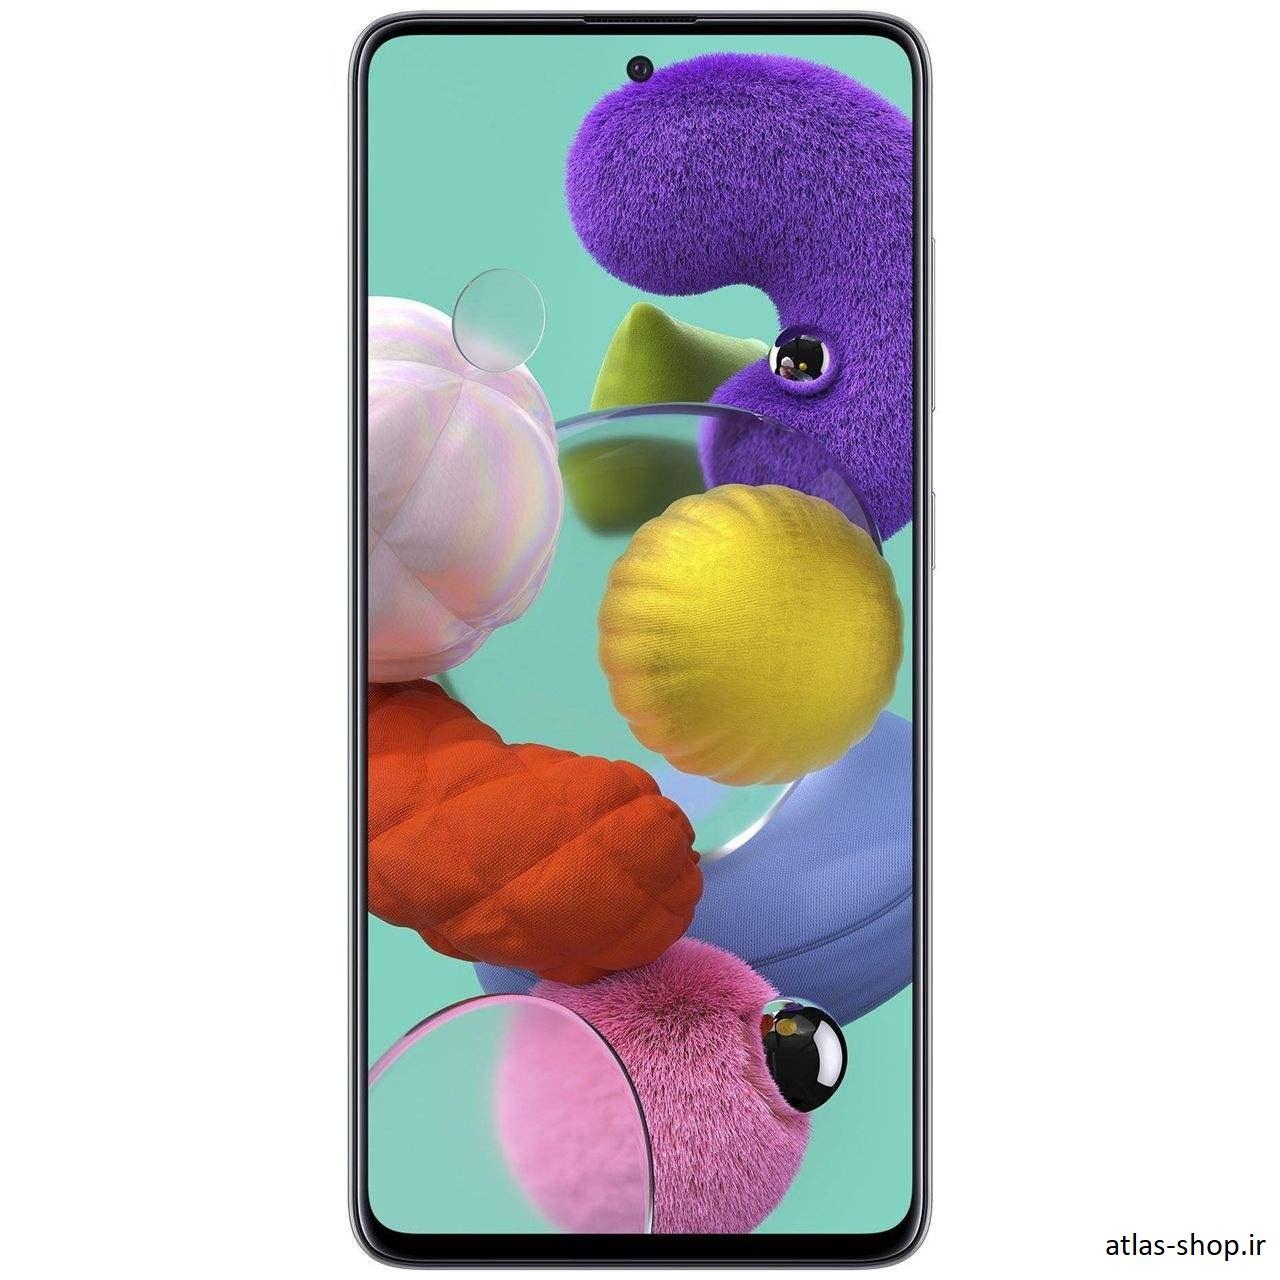 گوشی موبایل سامسونگ Galaxy A51 ظرفیت 128گیگابایت رنگ سفید